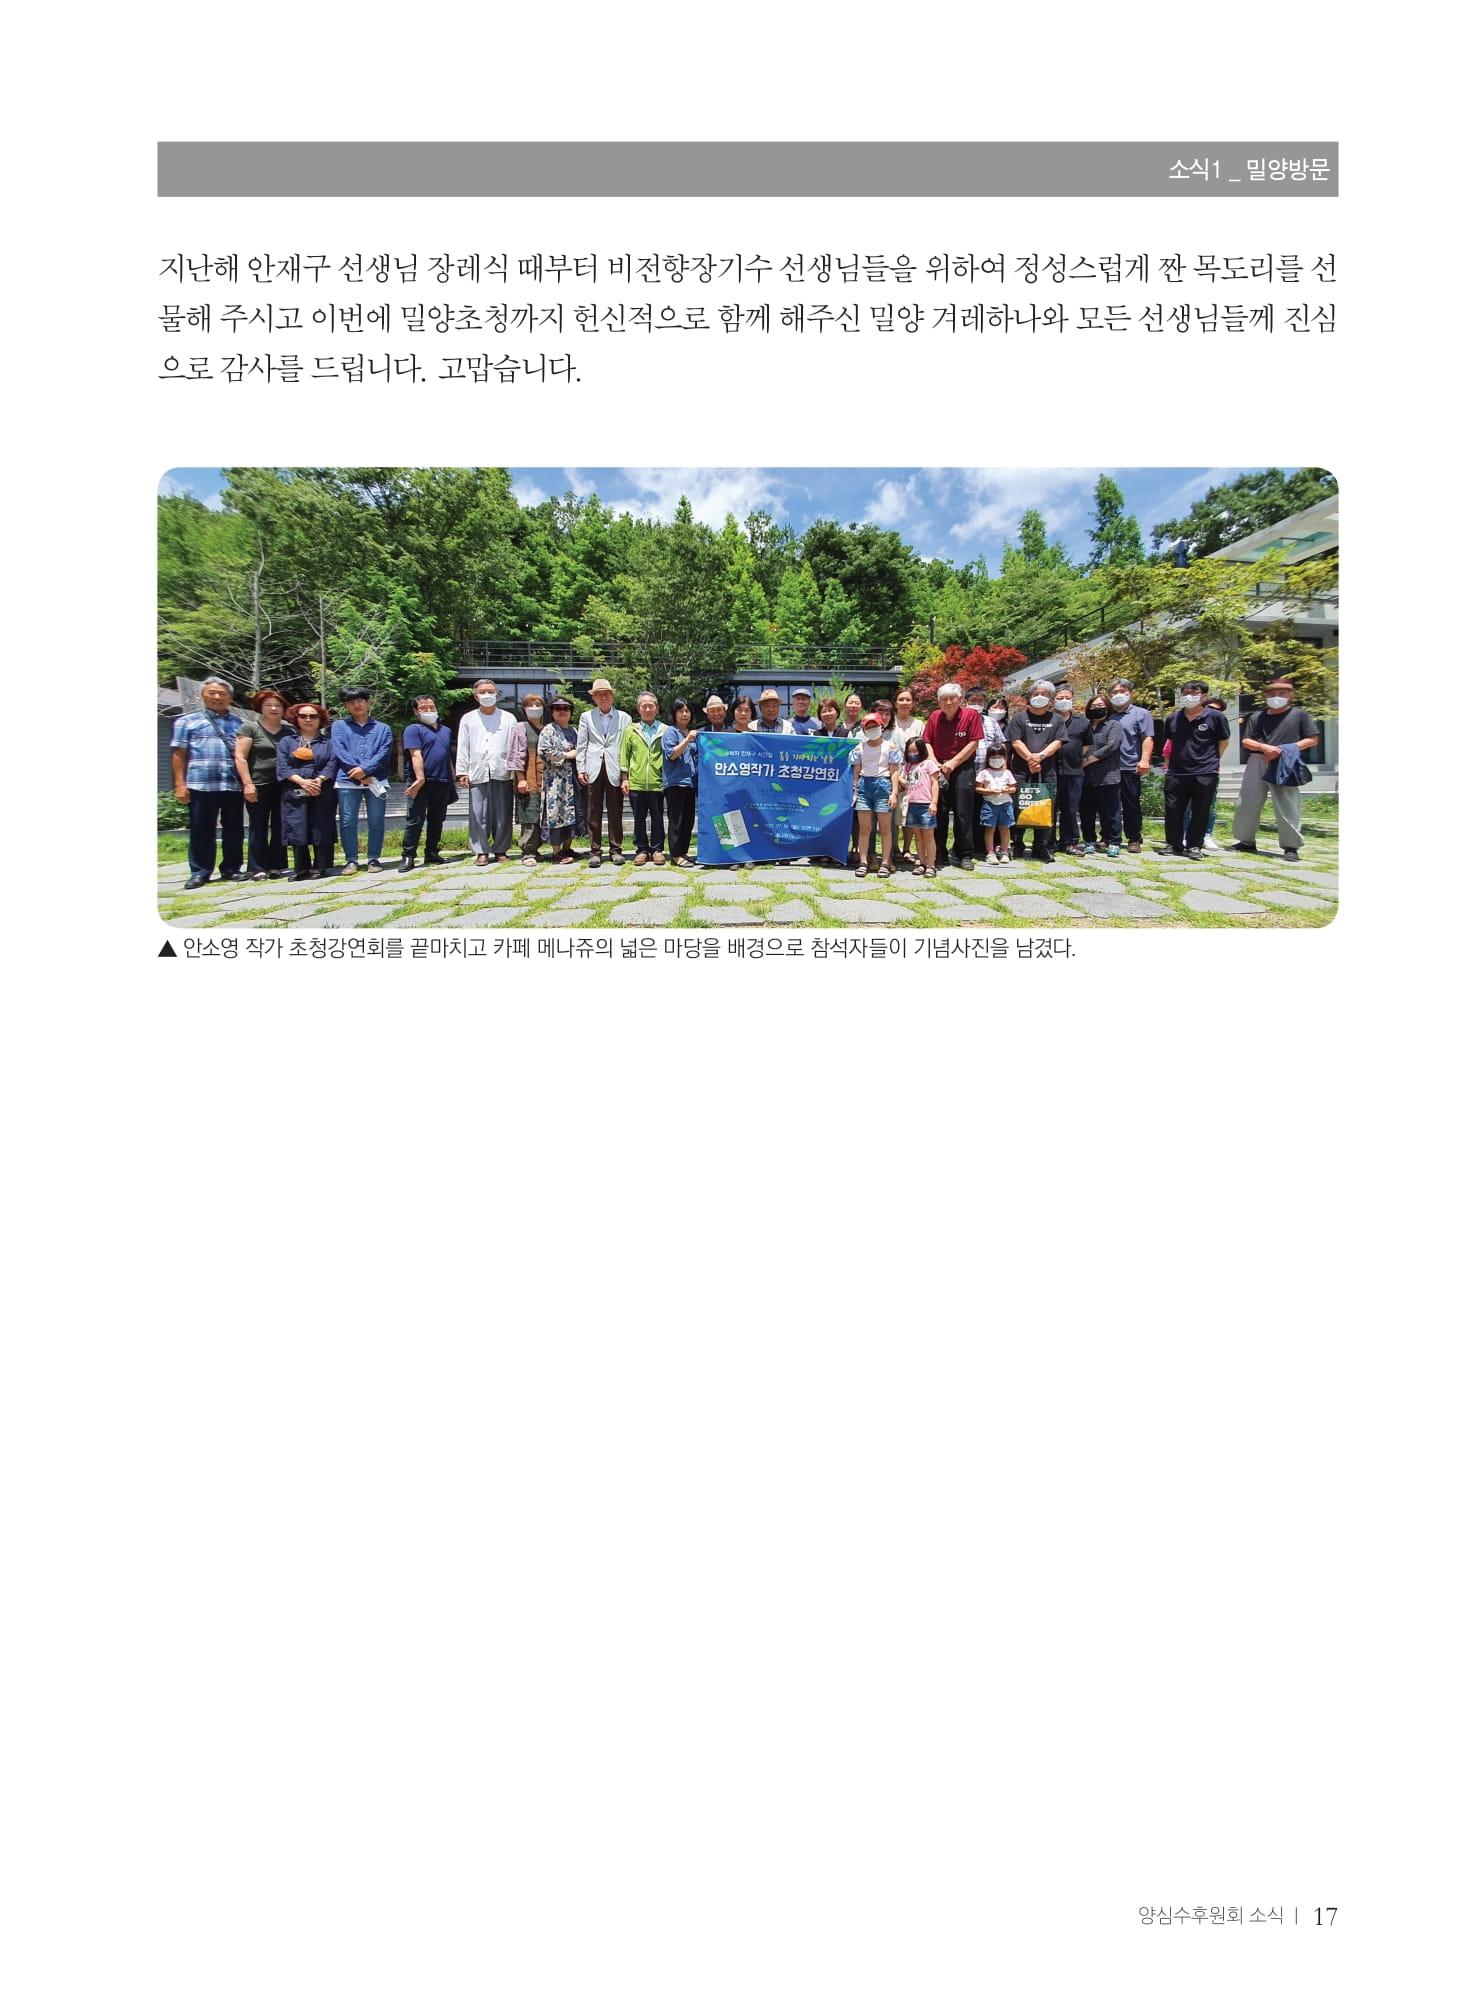 [양심수후원회] 소식지 354호 web 수정-19.jpg